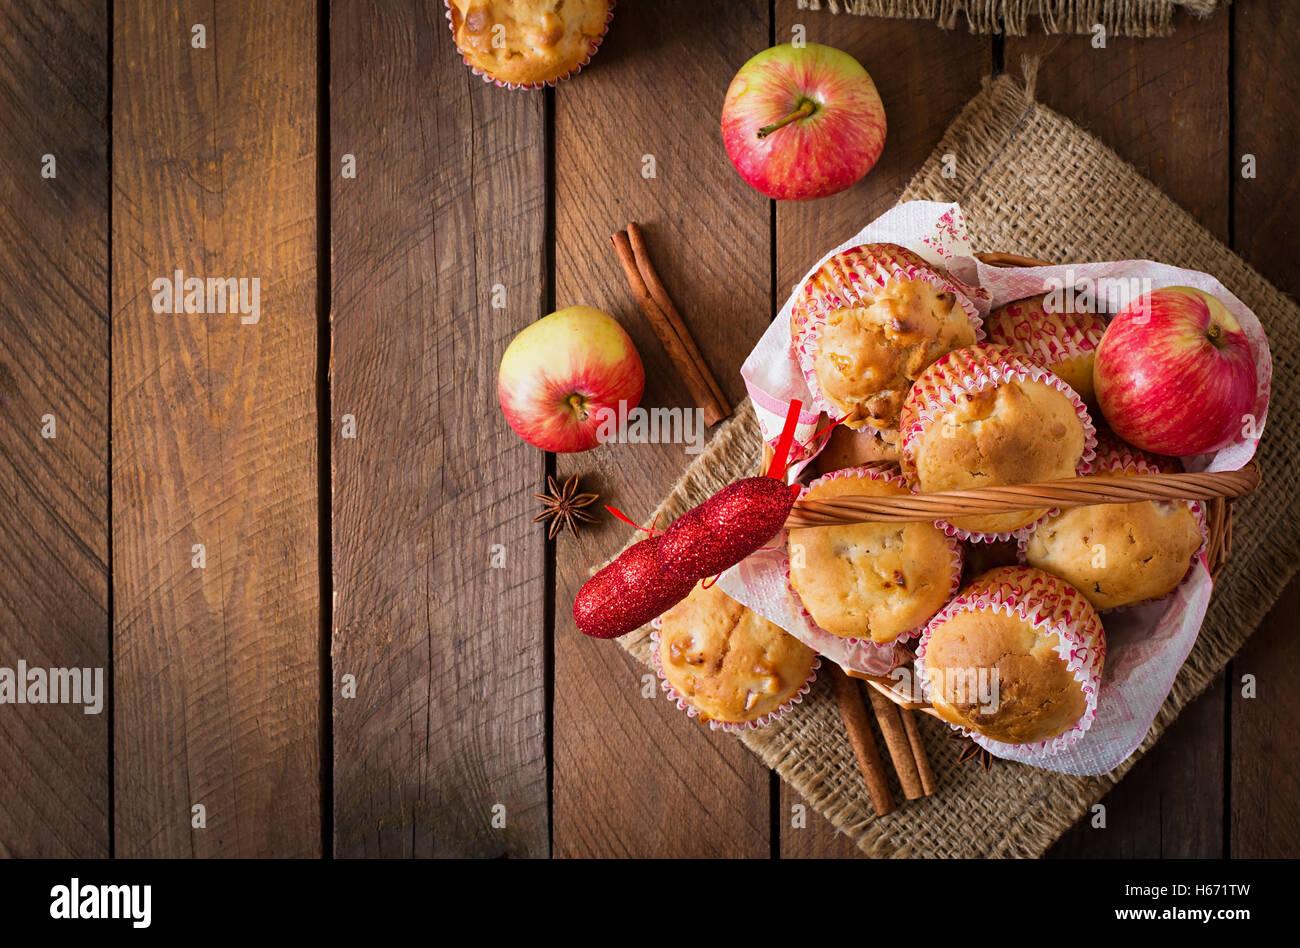 Gustosi muffin con mela e cannella in cesto su uno sfondo di legno. Vista superiore Immagini Stock